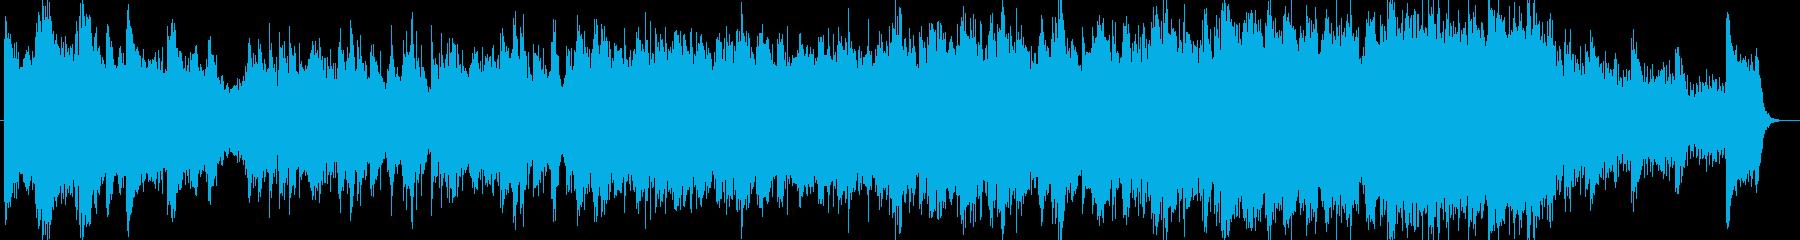 ゆったりと明るいシンセサイザーの曲の再生済みの波形